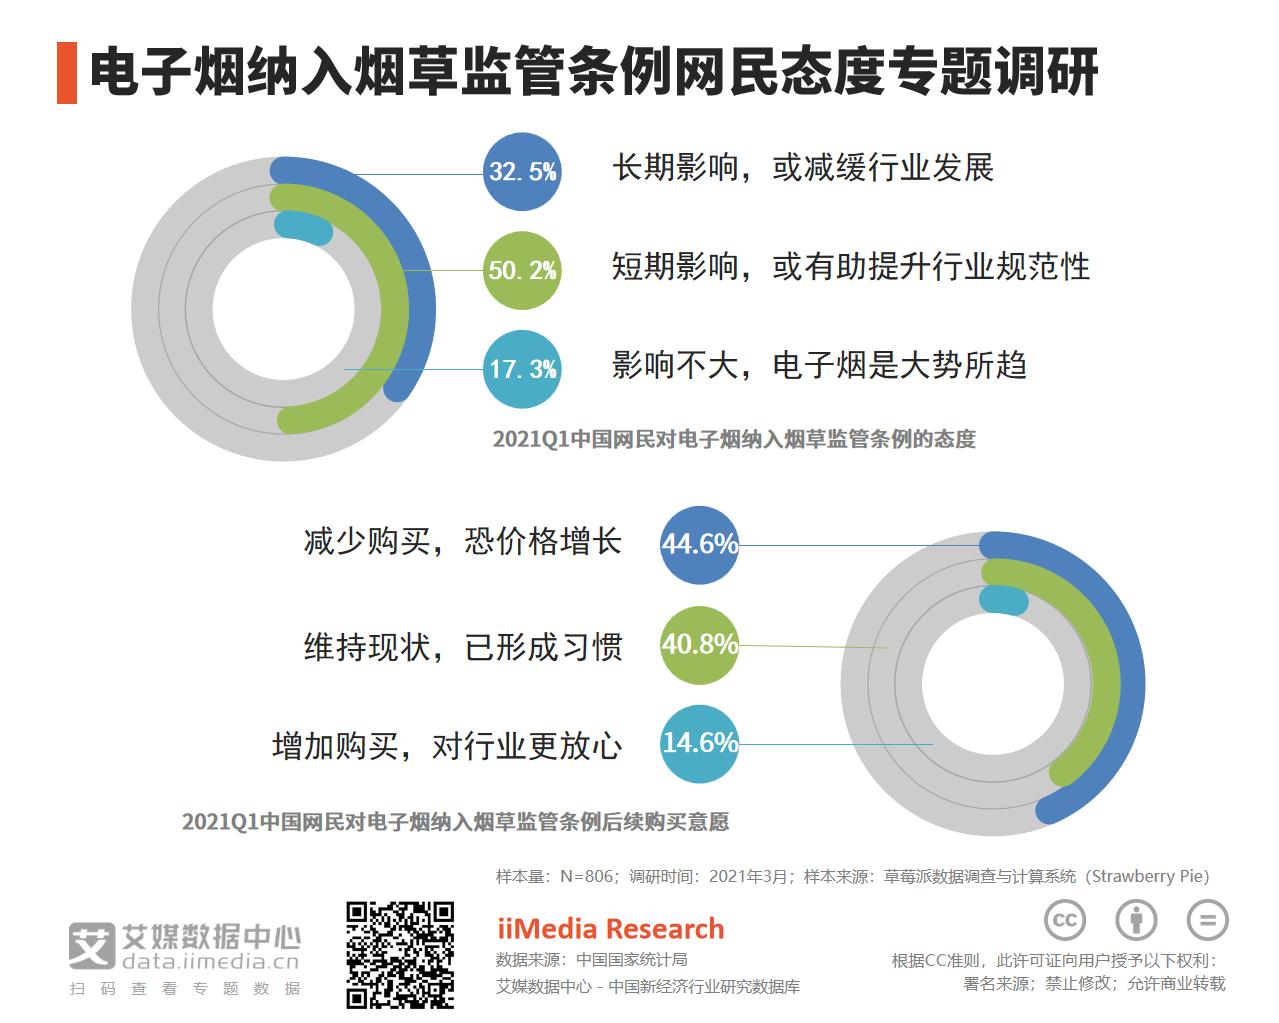 50.2%网友认为电子烟纳入烟草监管条例有助于提升行业规范性